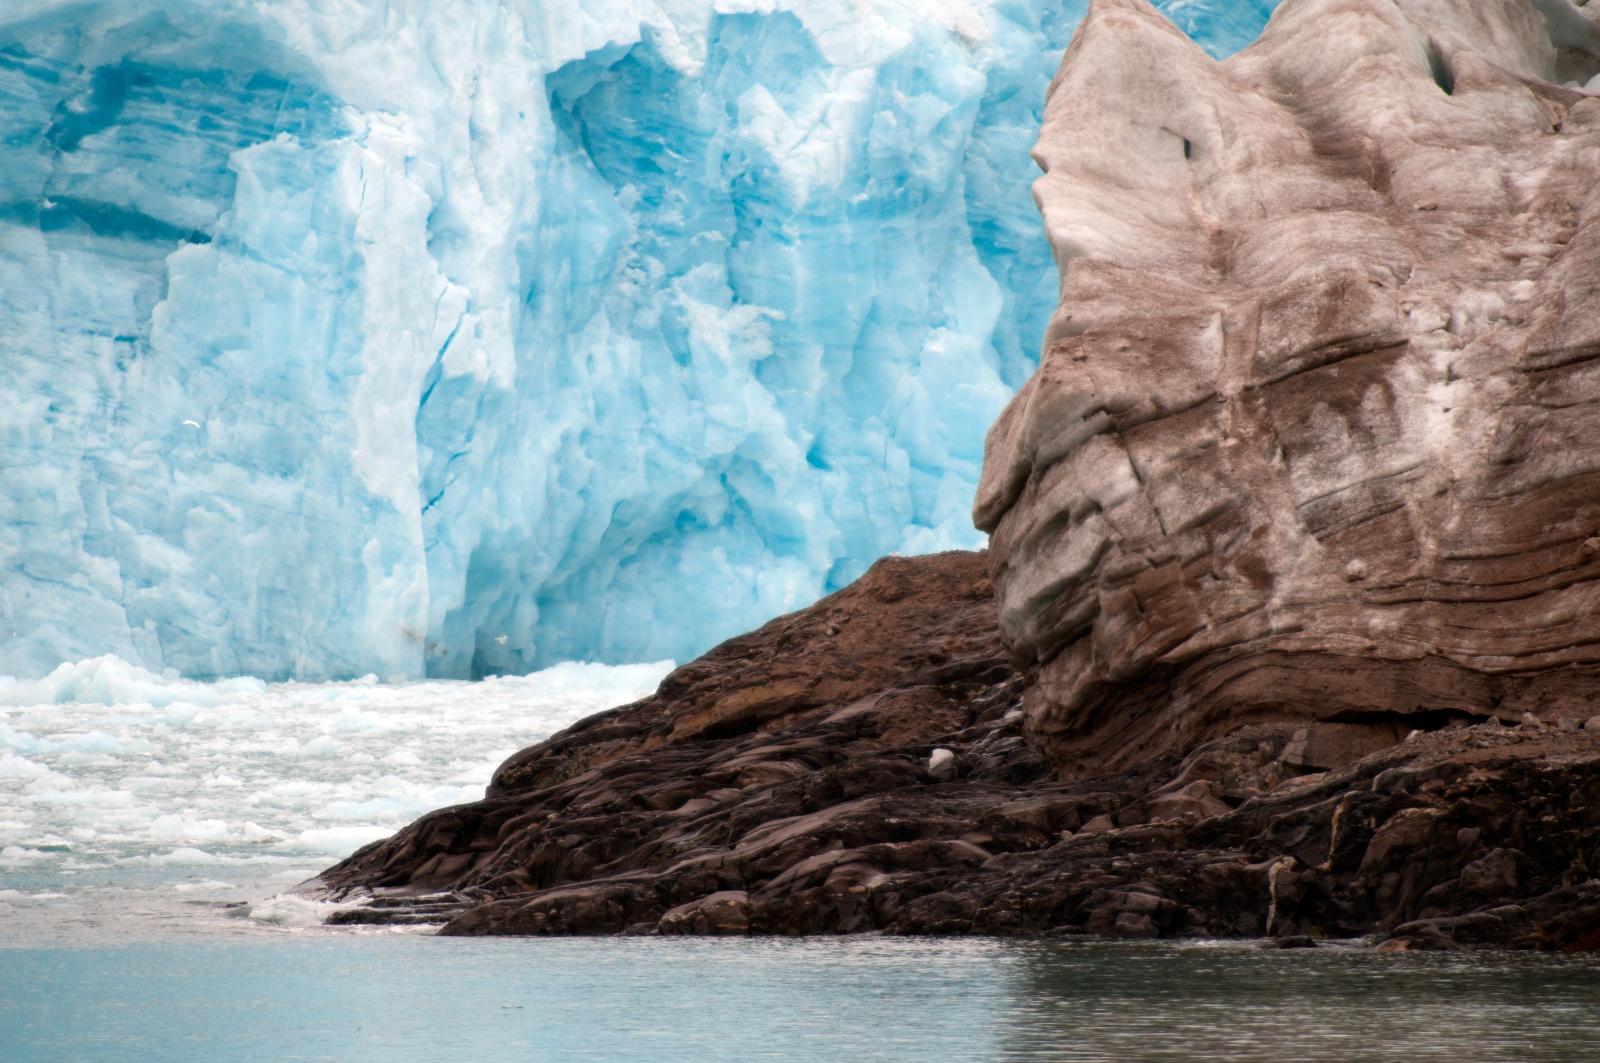 """Contrasti - Un iceberg di ghiaccio nero e sullo sfondo il ghiaccio azzurro, contrasto tra """"nuovo"""" e """"vecchio""""!"""